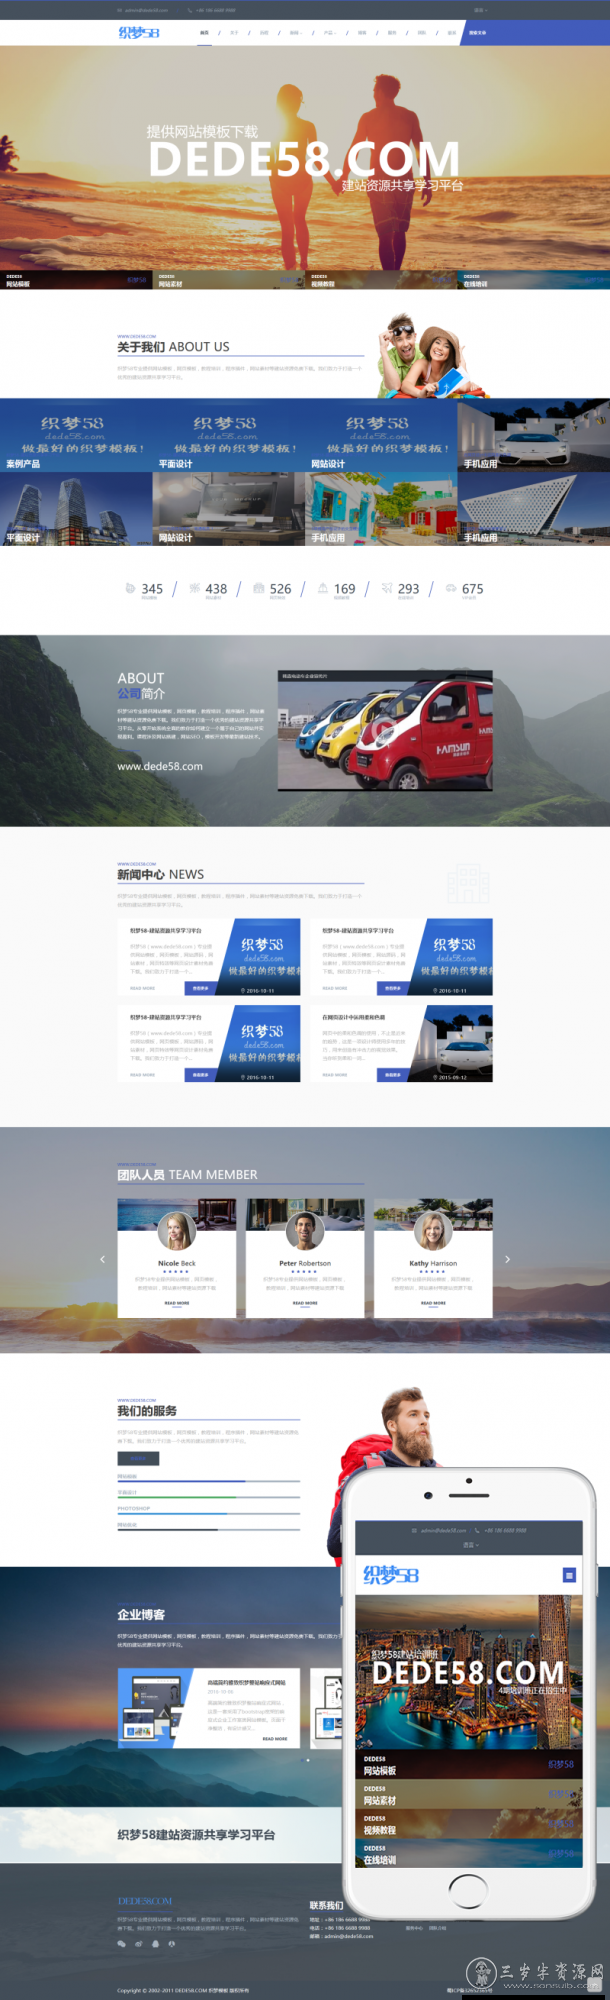 织梦高端响应式自适应自由配色旅游企业织梦dedecms网站模板